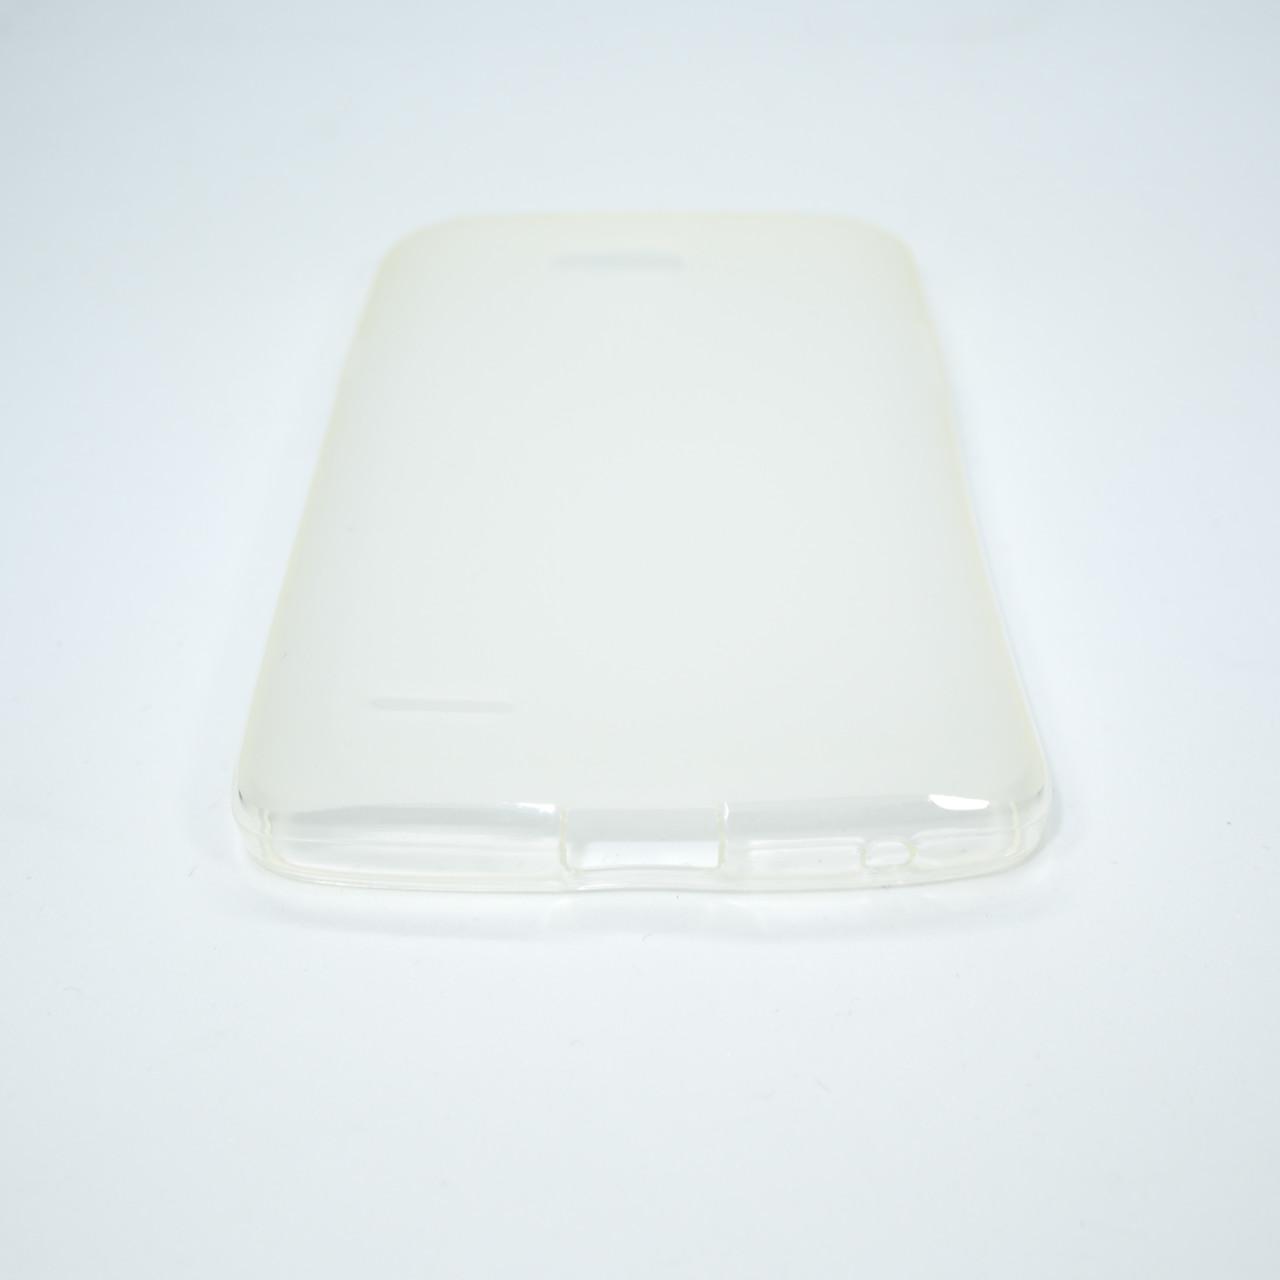 Чехлы для LG TPU L80 Dual Для телефона